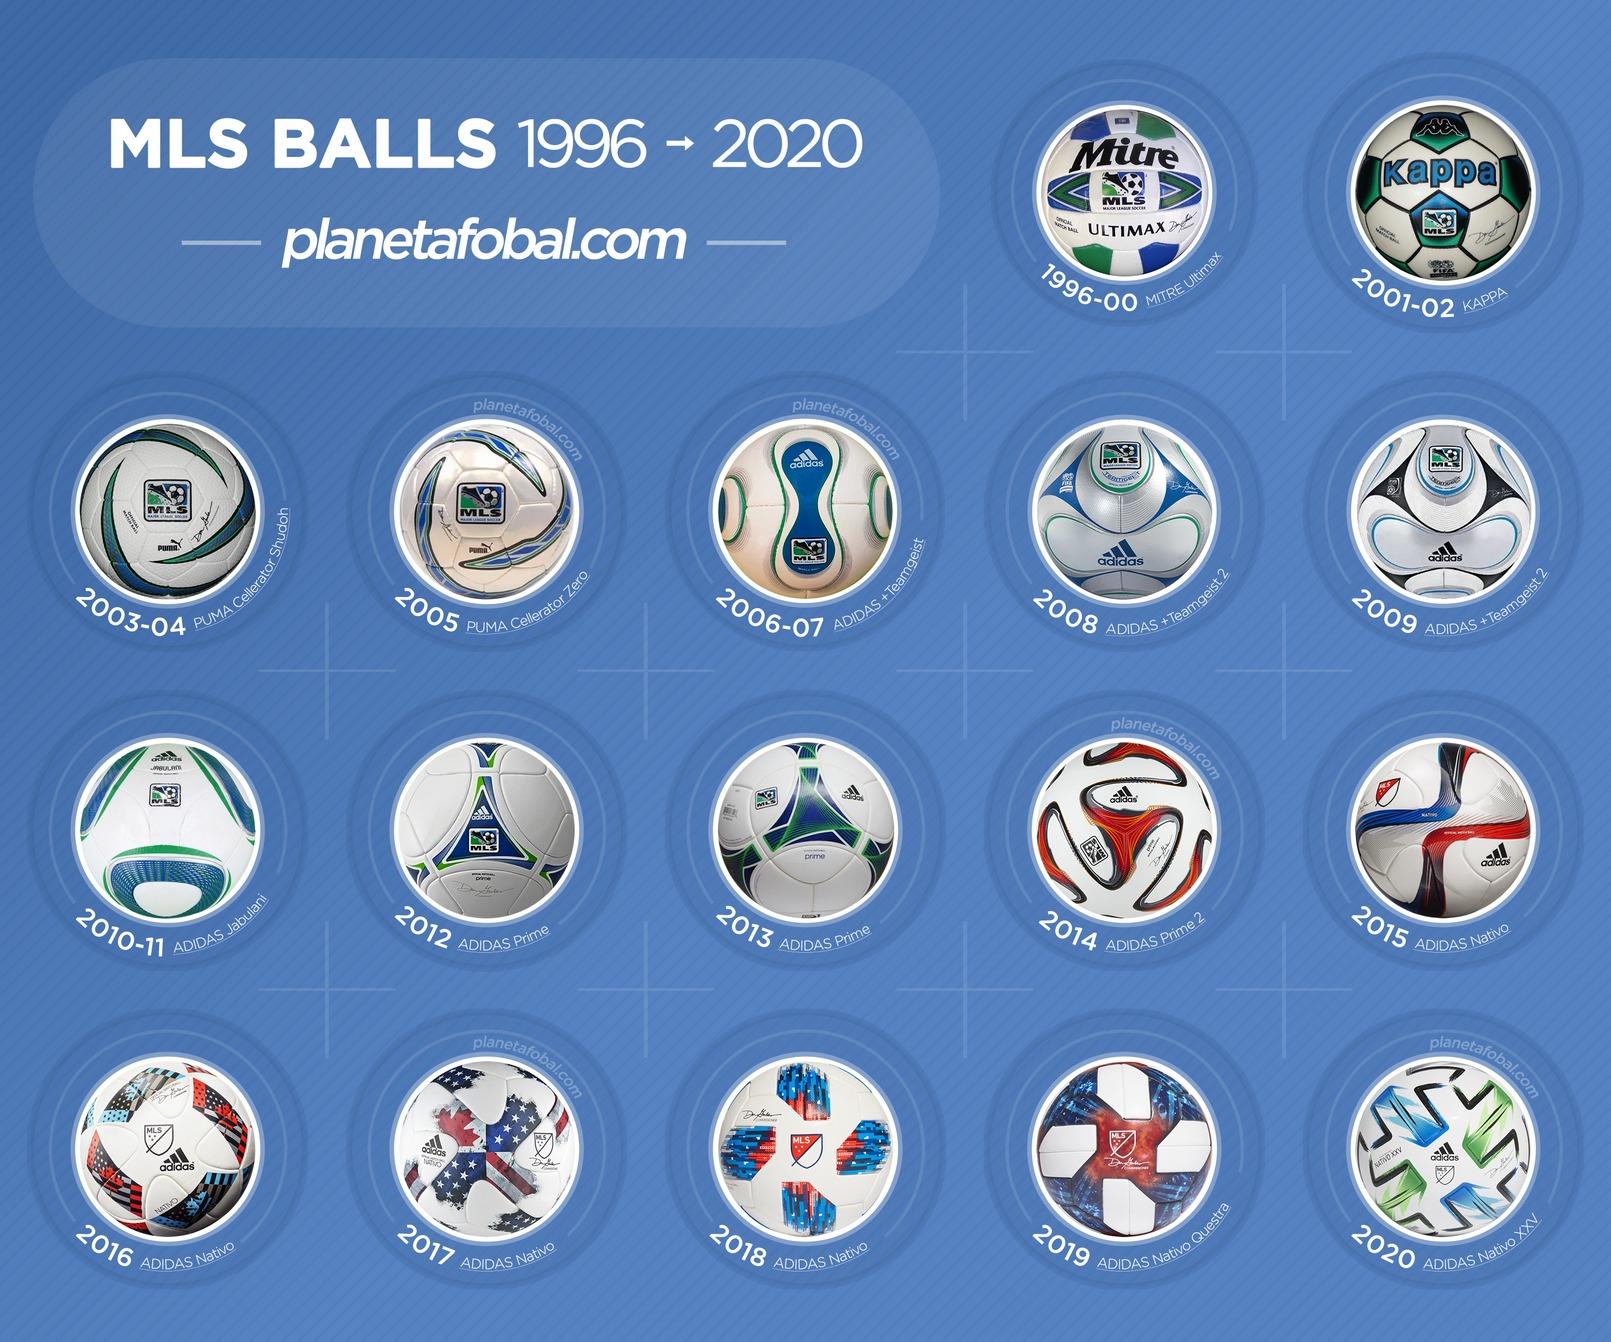 Balones oficiales de la MLS (1996-2020)